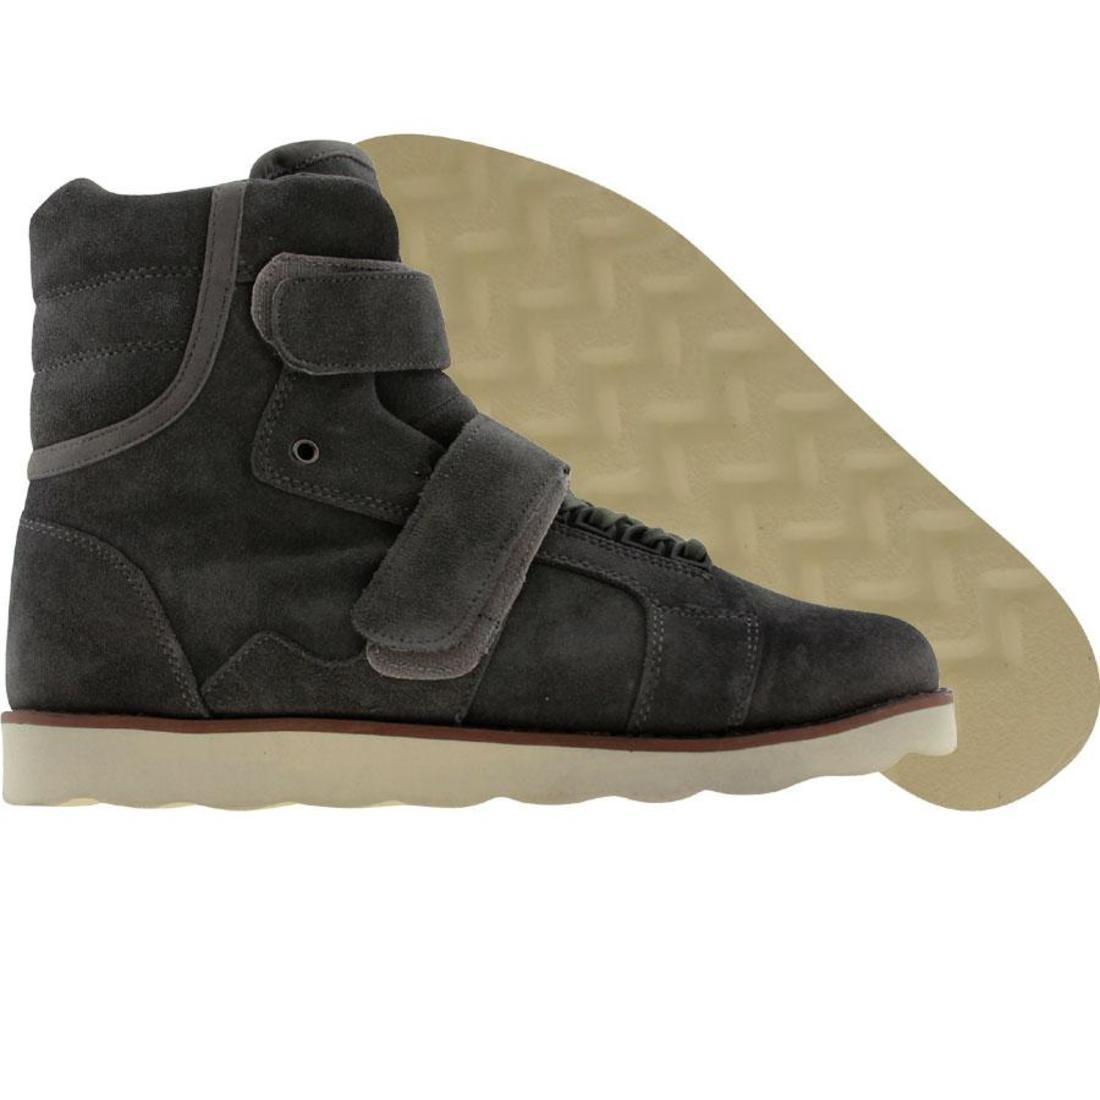 【海外限定】ブーツ スニーカー メンズ靴 【 AH BY ANDROID HOMME PROPULSION BOOT GREY 】